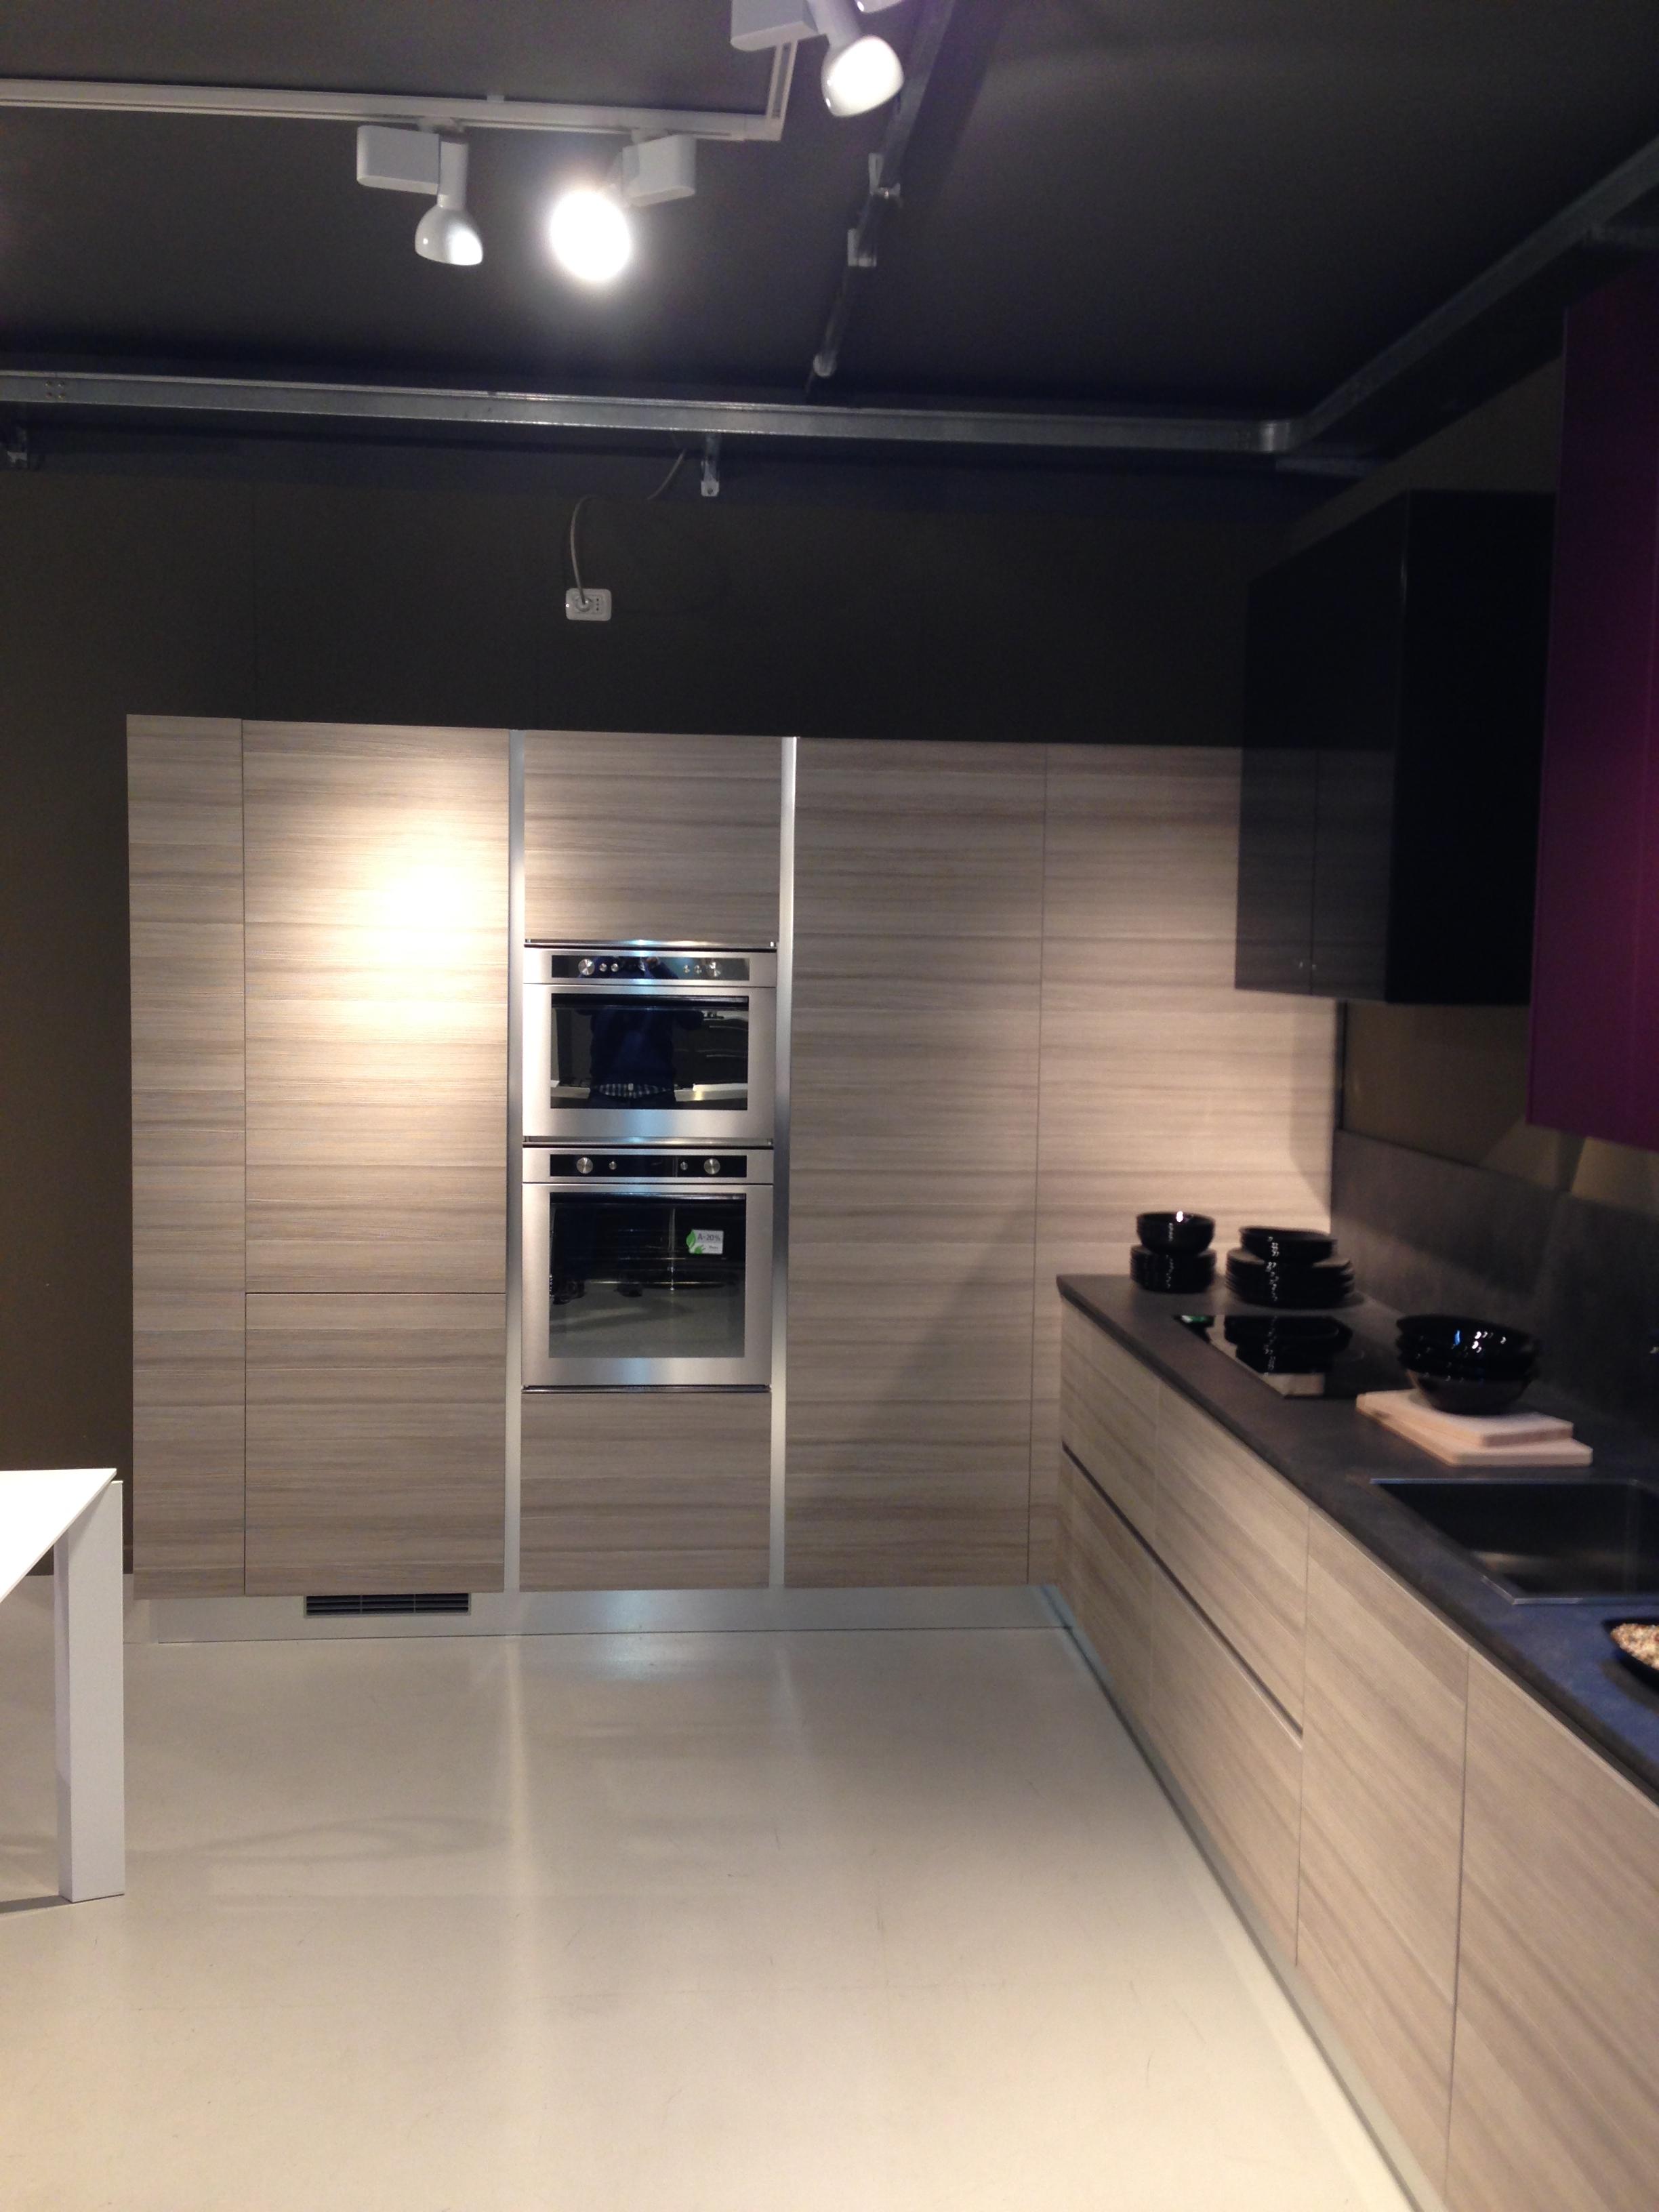 Cucina Copat In Offerta Cucine A Prezzi Scontati #956936 2448 3264 Copat O Veneta Cucine